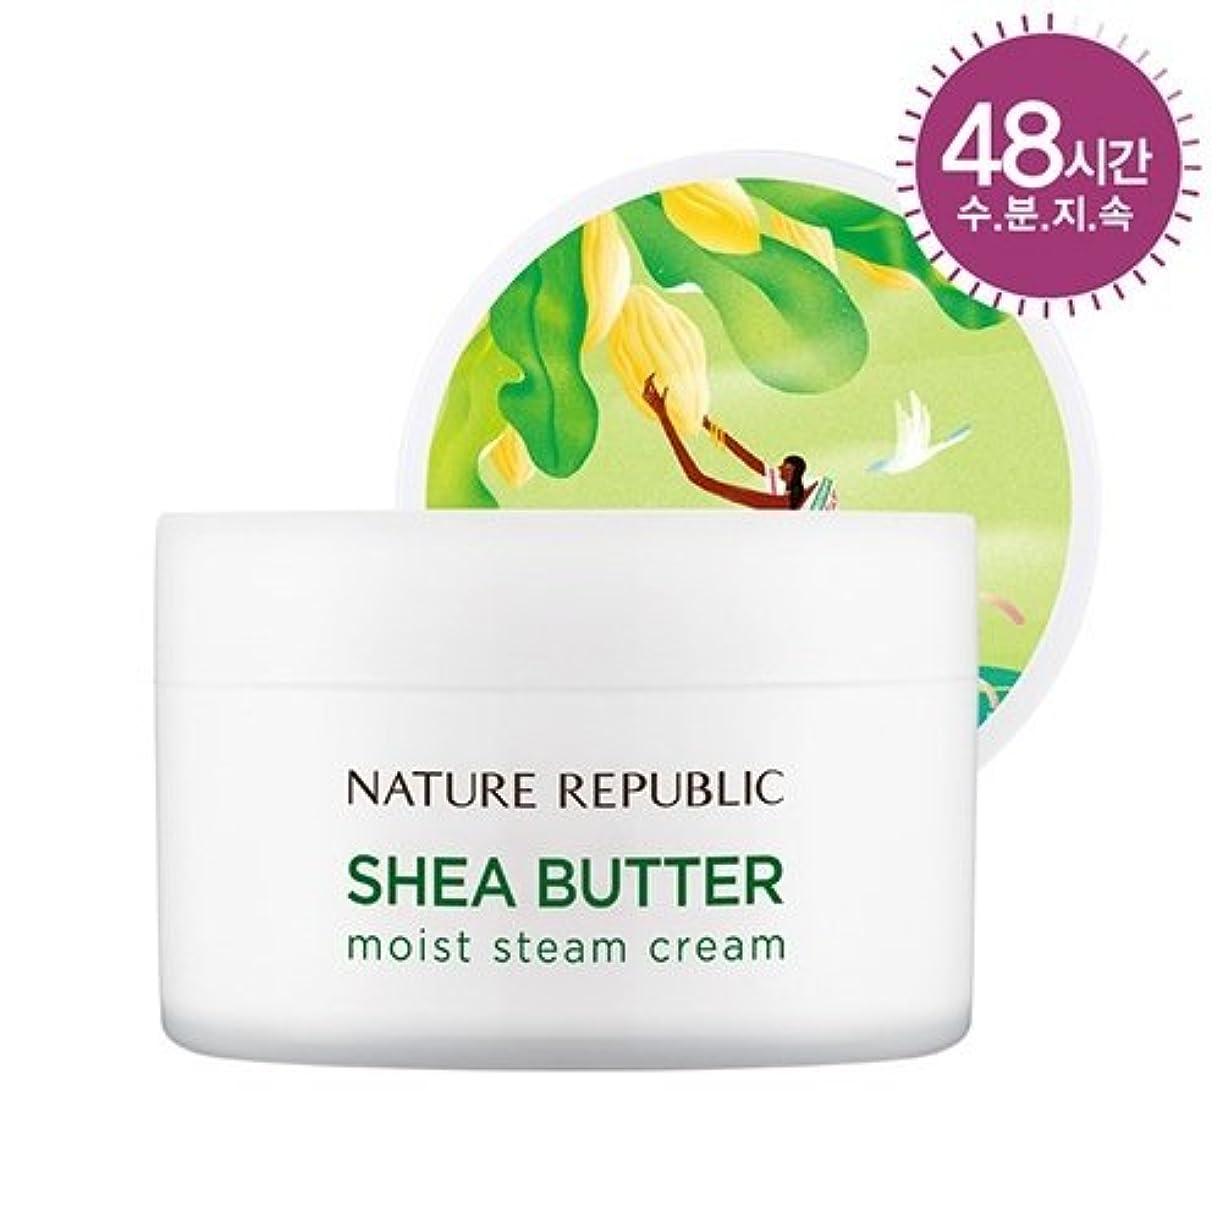 立法ひらめきほうきNATURE REPUBLIC(ネイチャーリパブリック) SHEA BUTTER STEAM CREAM シアバター スチーム クリーム #モイスト乾燥肌